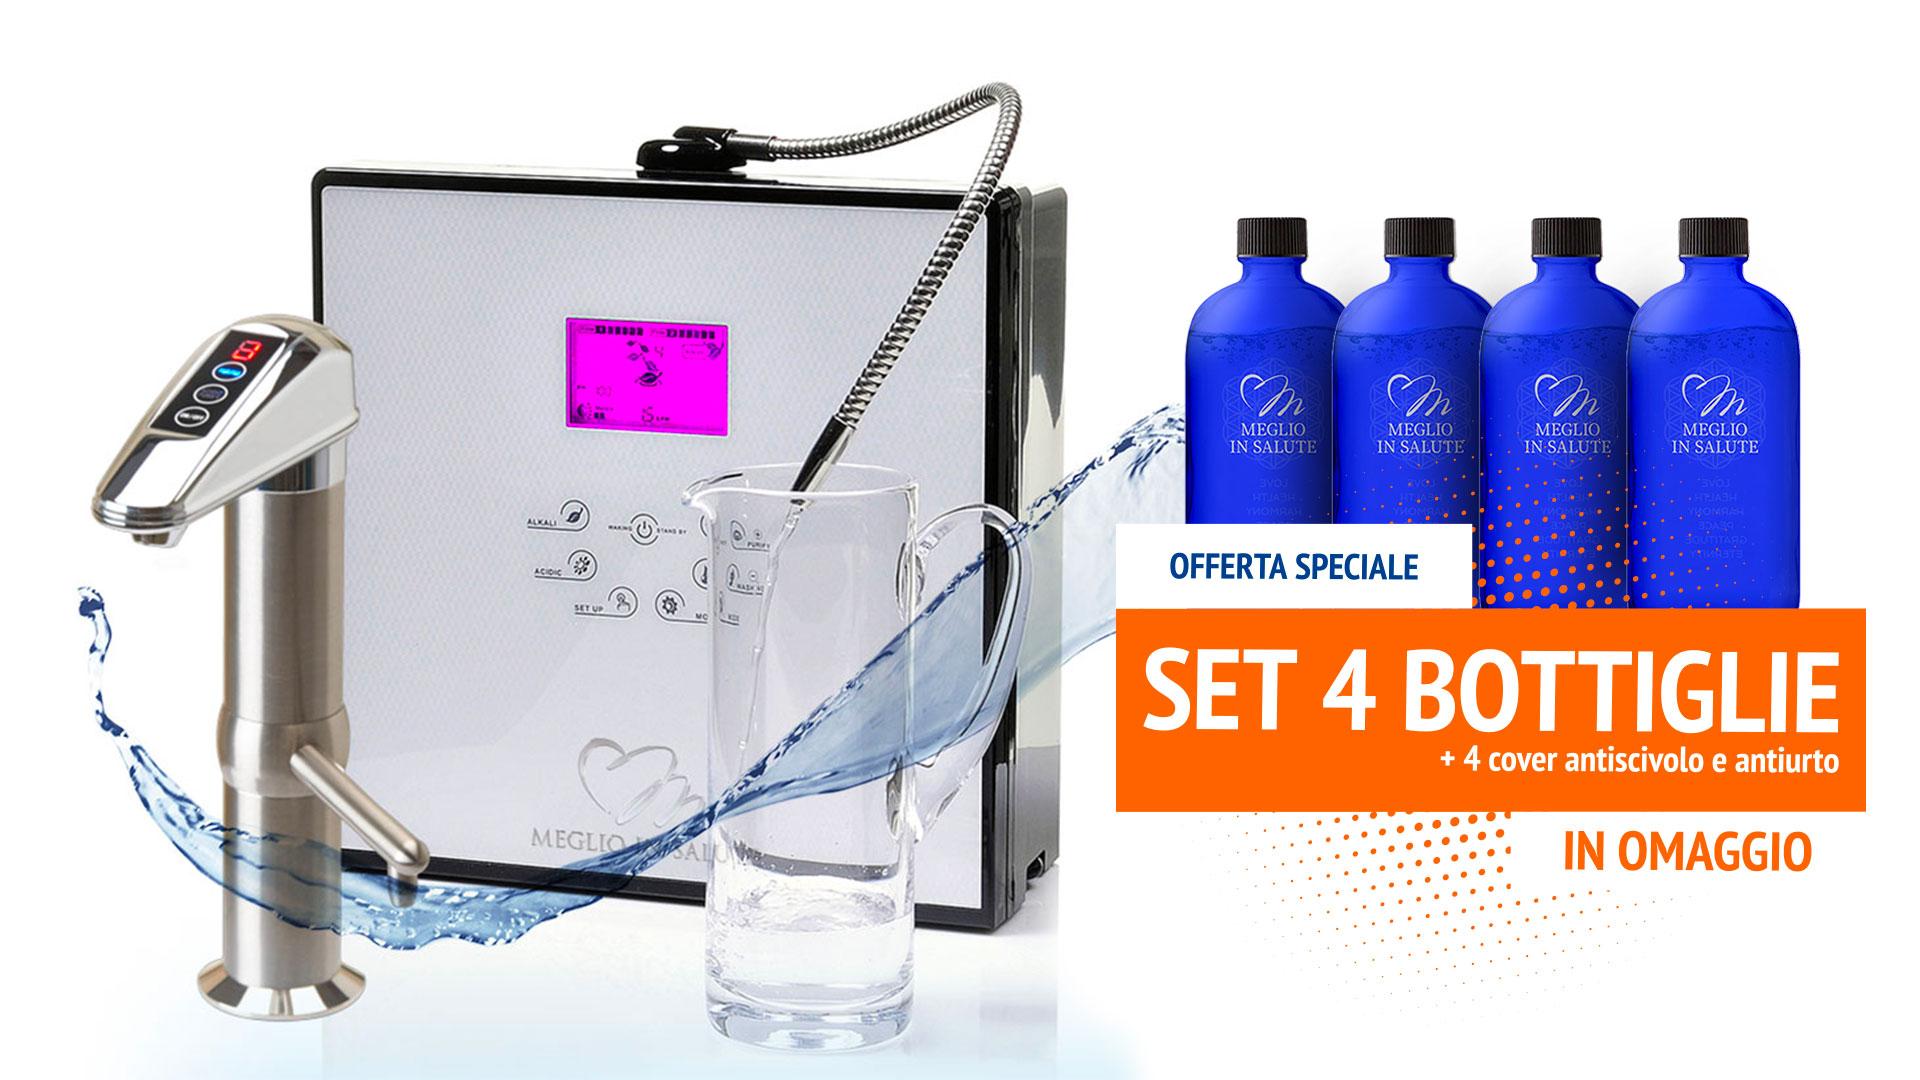 depuratori-acqua-alcalina-ionizzata-bottiglie-vetro-informato-omaggio-promo1c